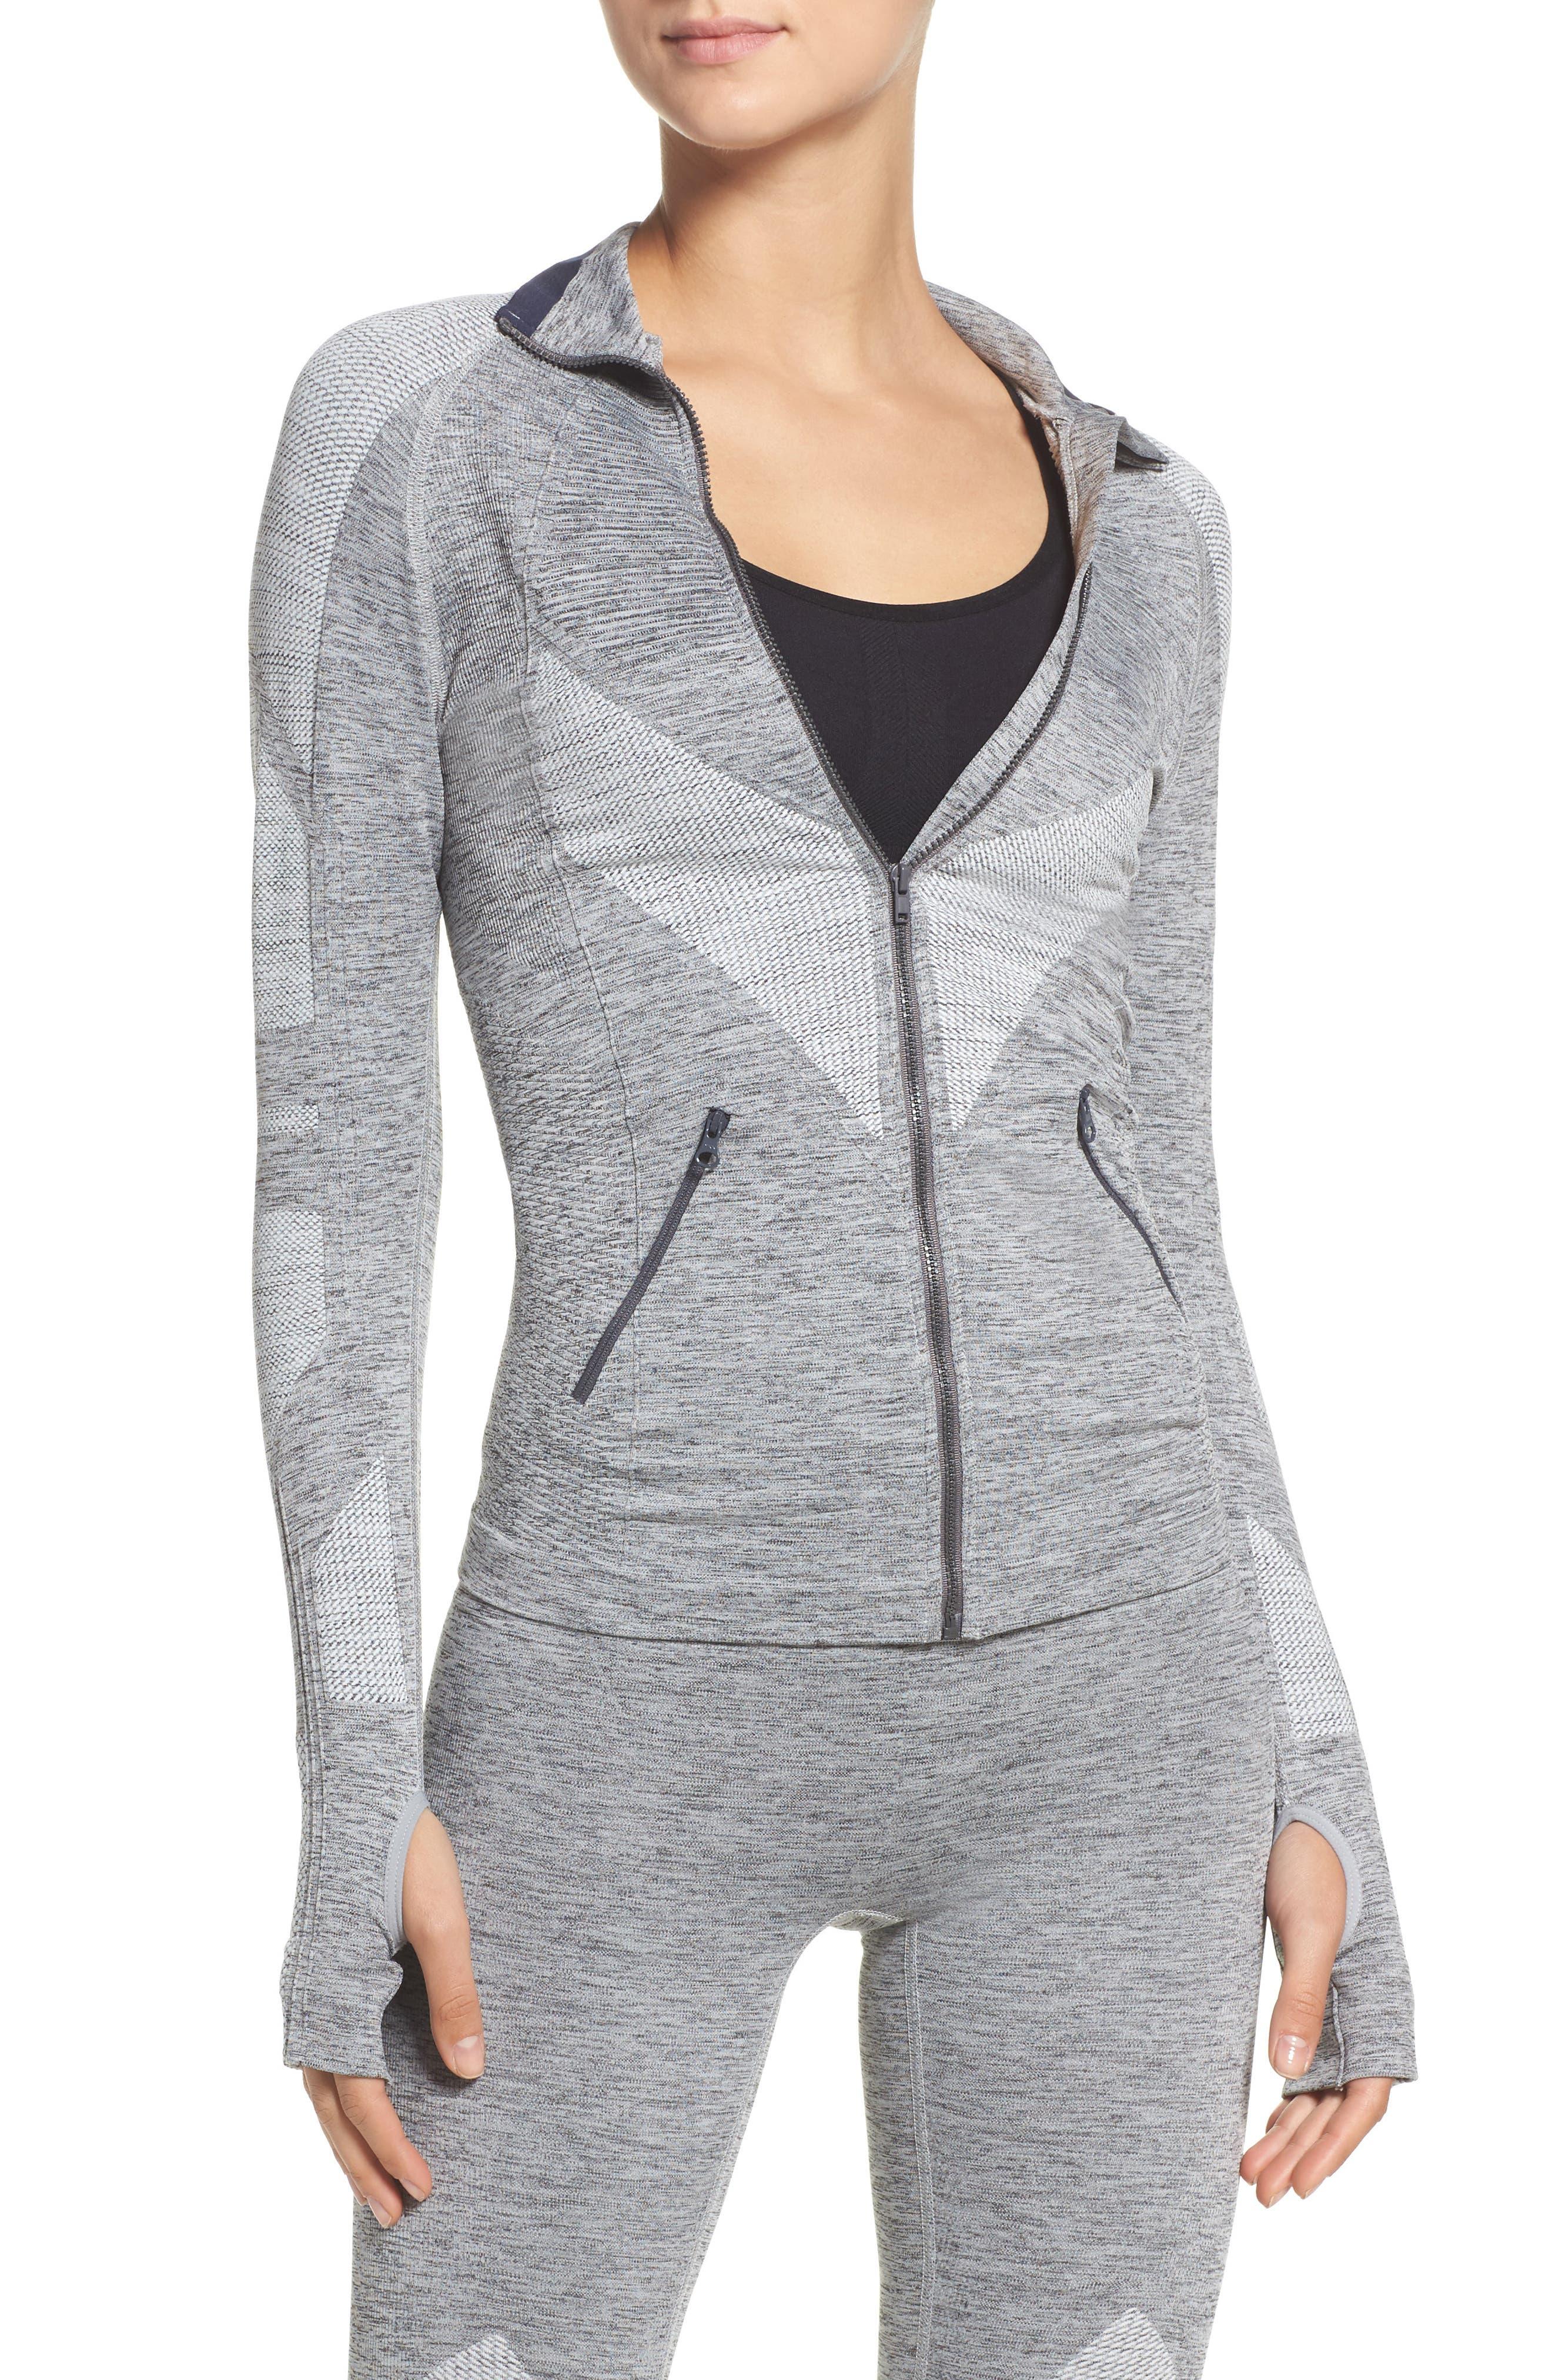 Summit Seamless Jacket,                         Main,                         color, Grey Marl